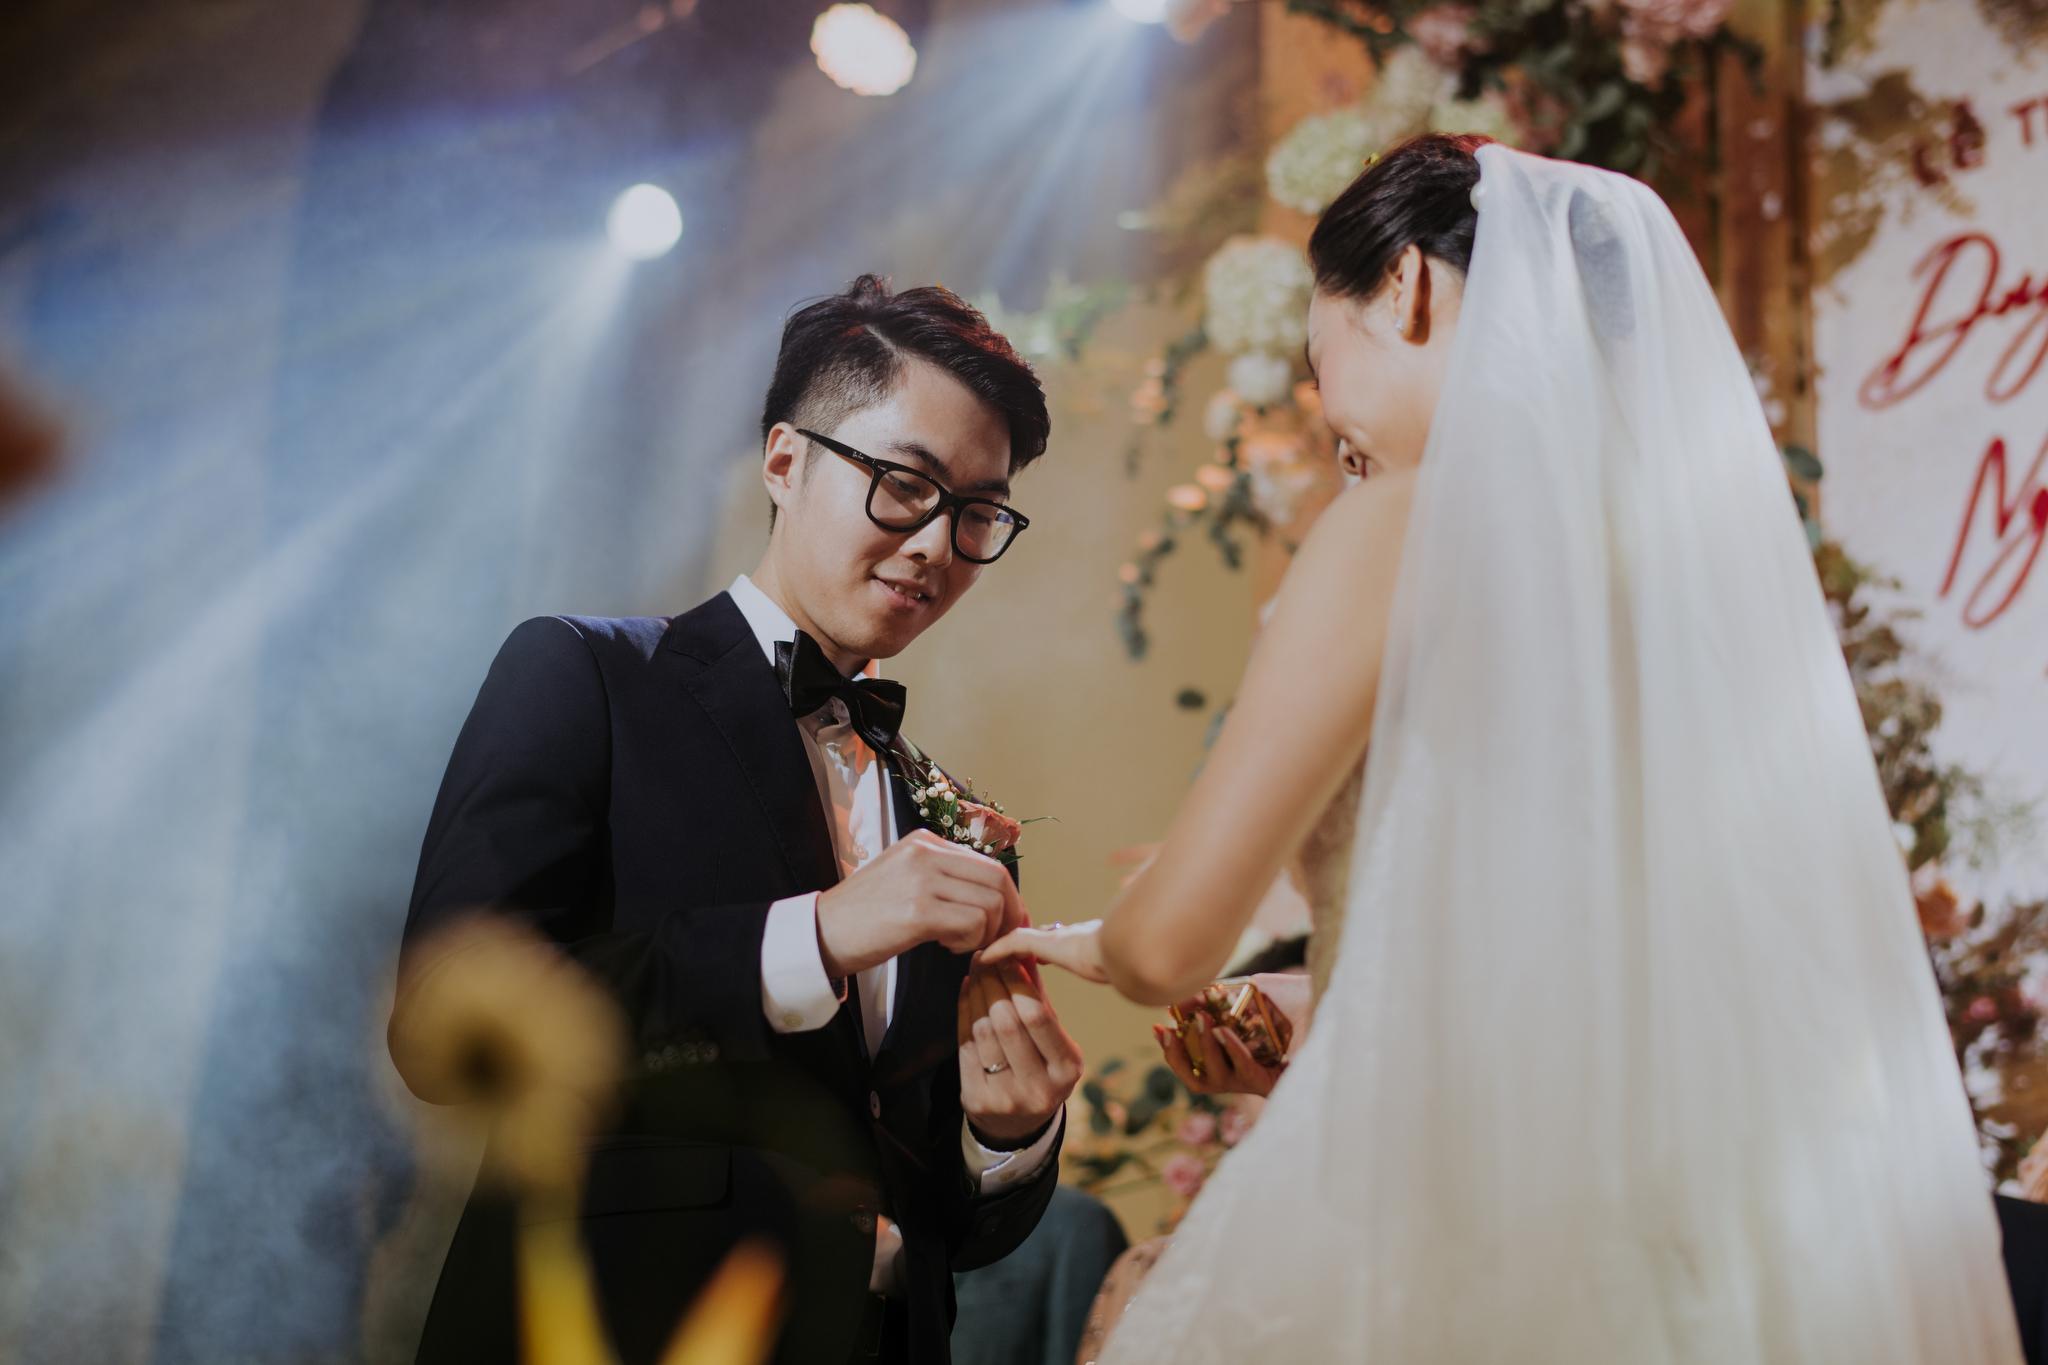 https://huk.s3.amazonaws.com/uploads/image/source/1443/Phuong-Diep-HN-Ceremony-2-0156.JPG